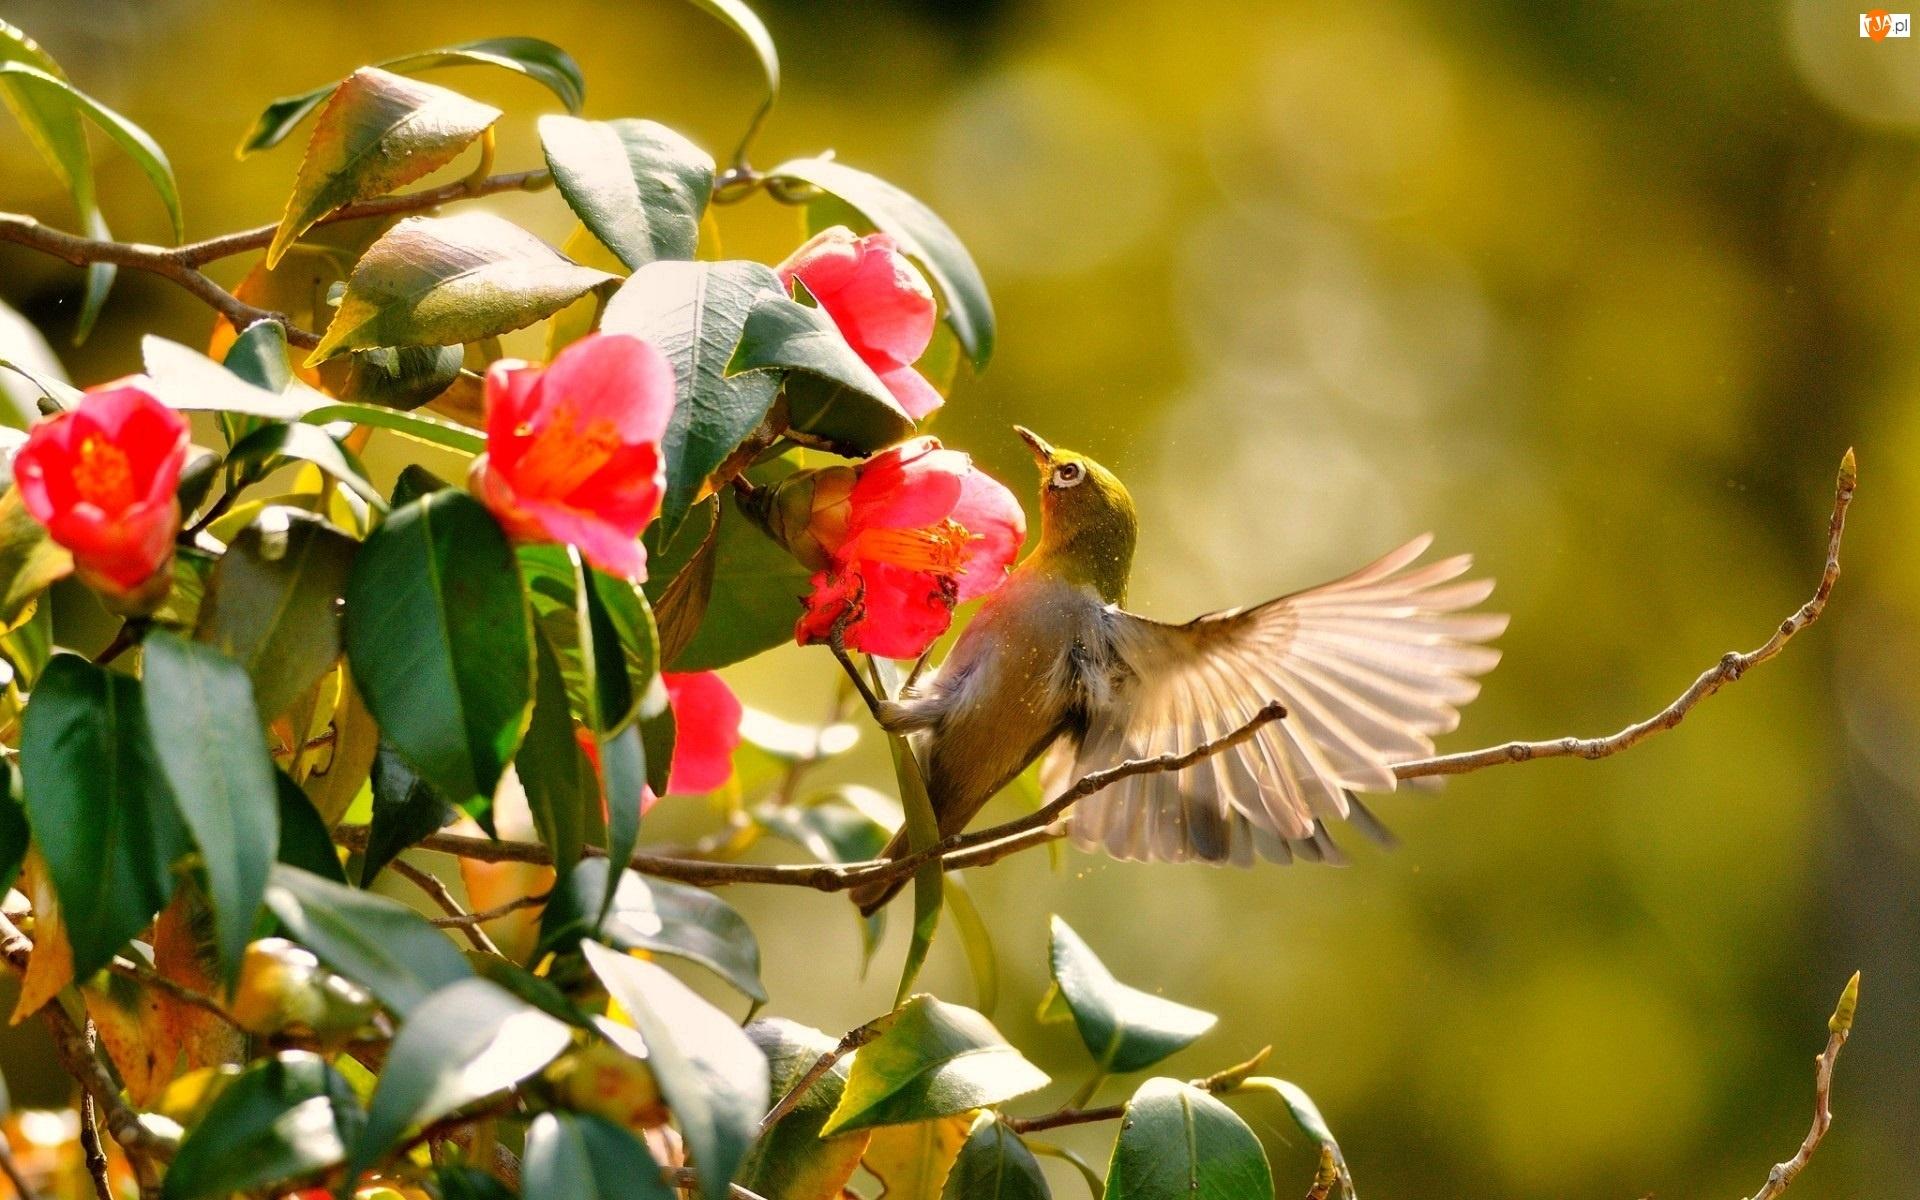 Koliber, Kwiaty, Krzew, Czerwone